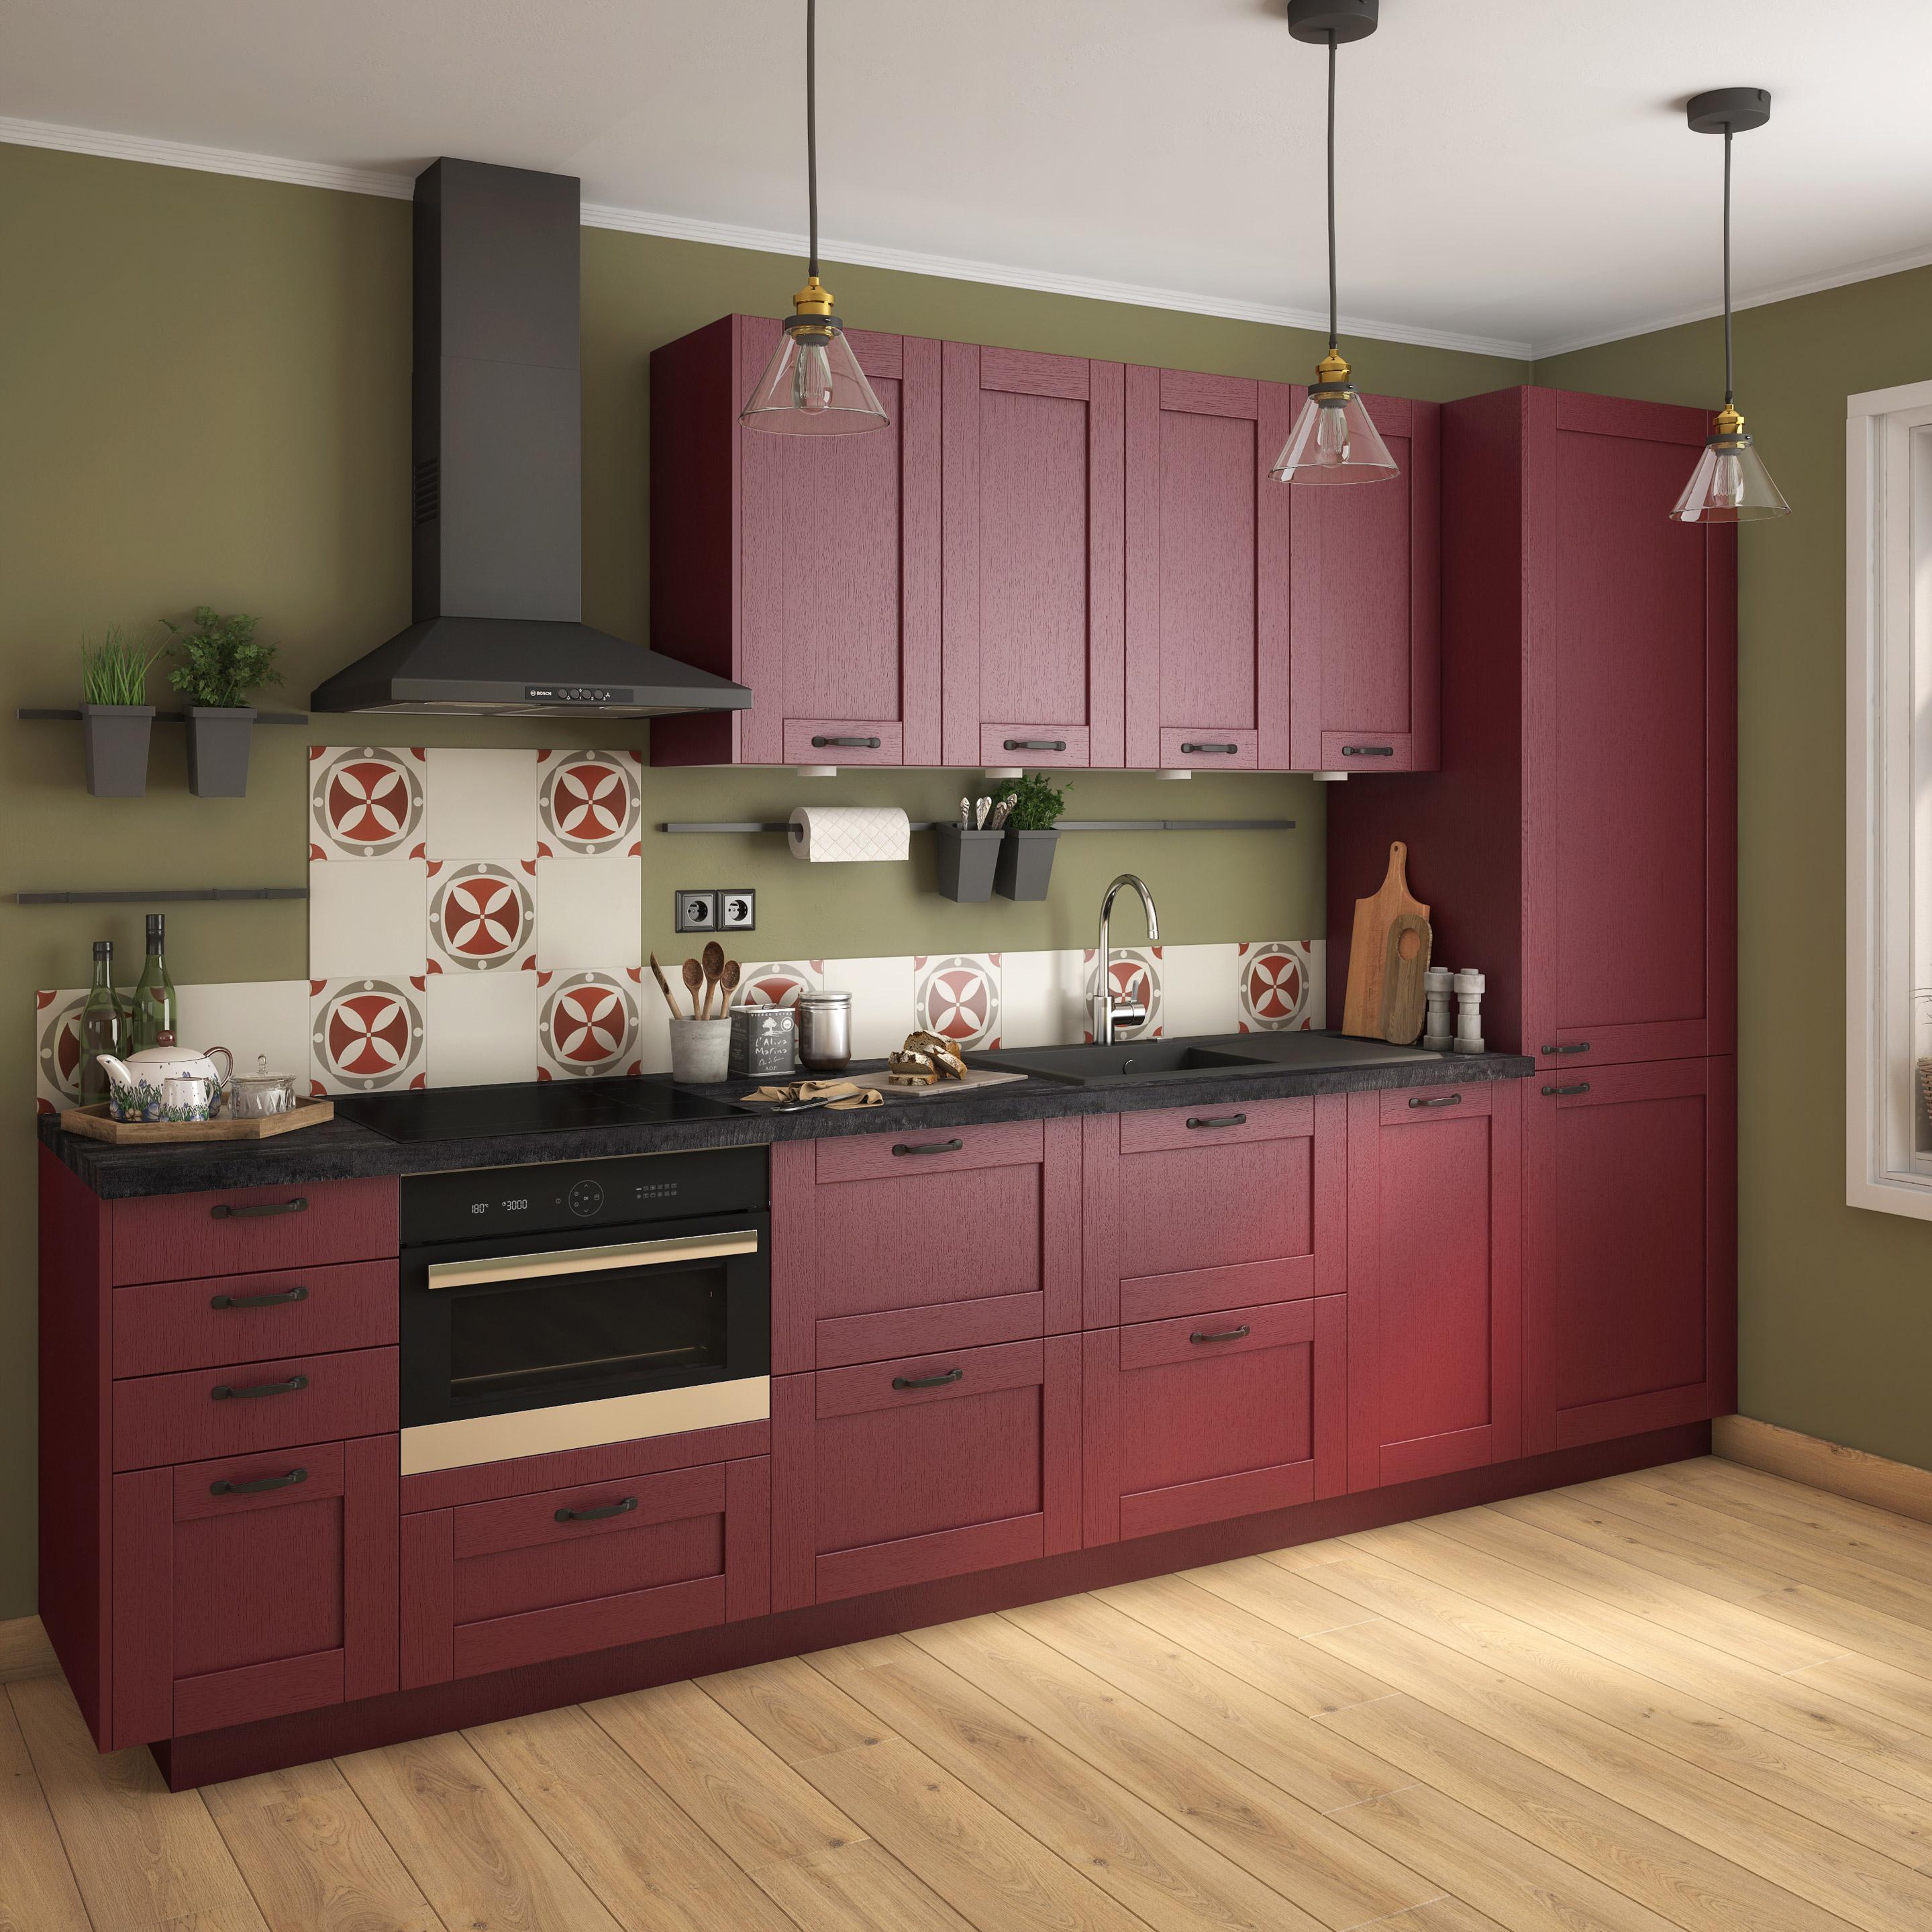 couleur foncee cuisine bordeaux meuble